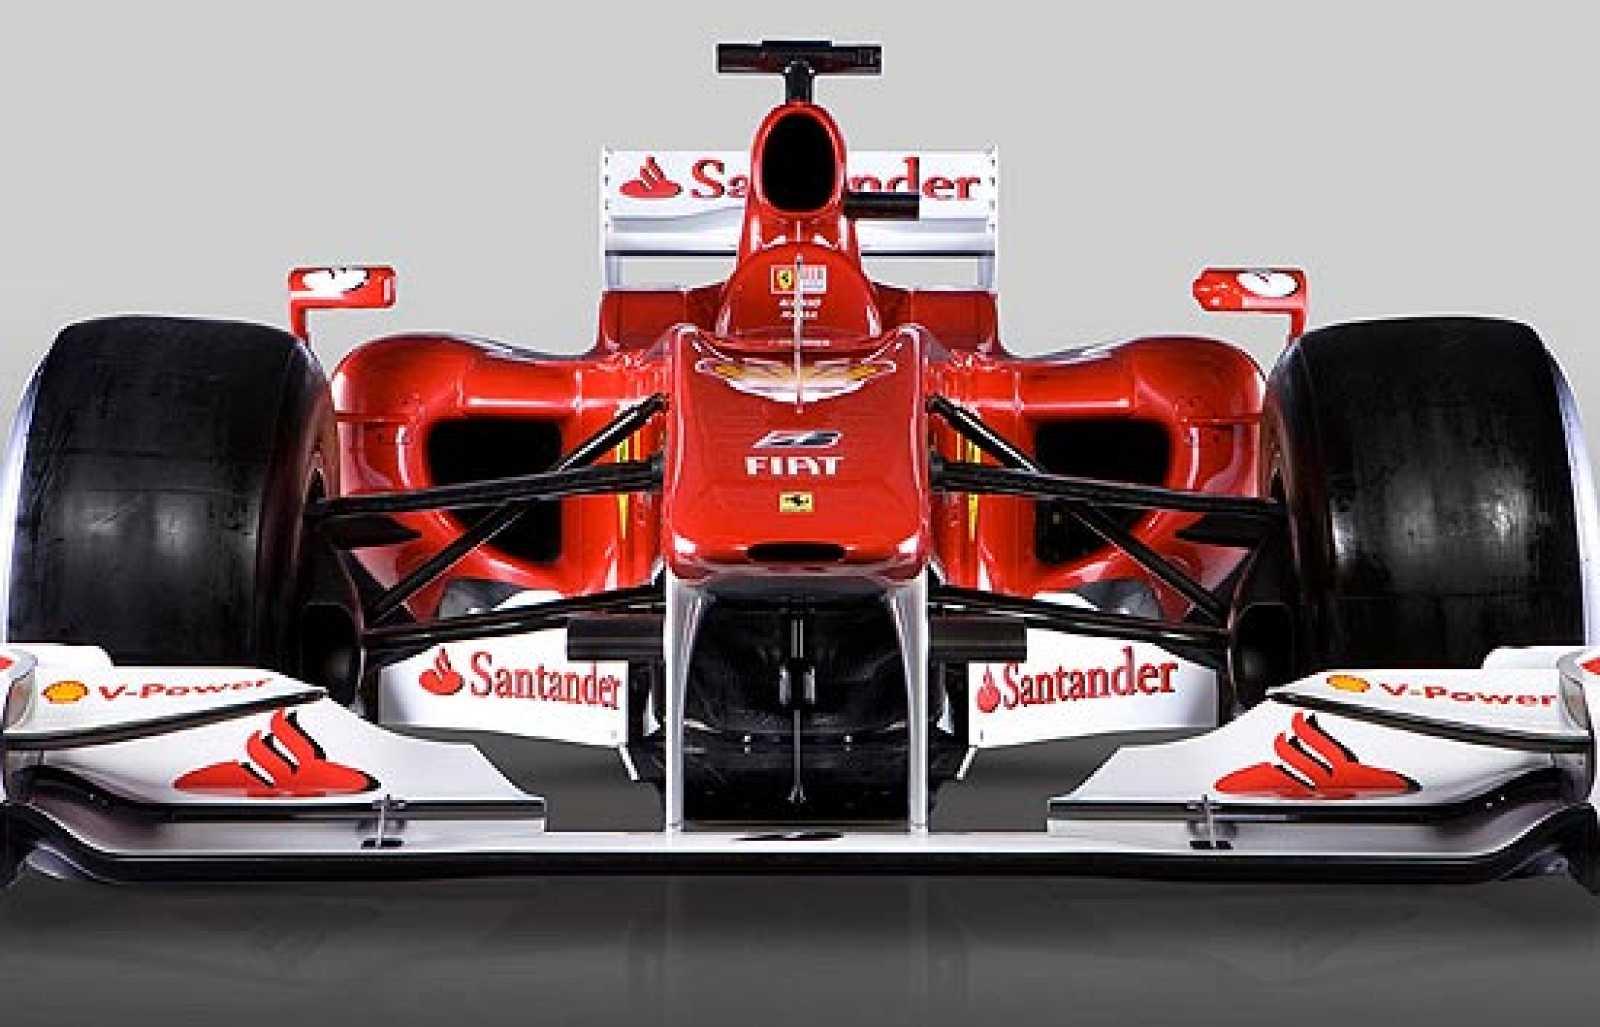 Ha sido presentado el nuevo monoplaza de Ferrari para la temporada 2010. El nuevo equipo de Fernando Alonso ha desvelado las novedades: un coche más largo y con el blanco como color acompañante del mítico rojo.